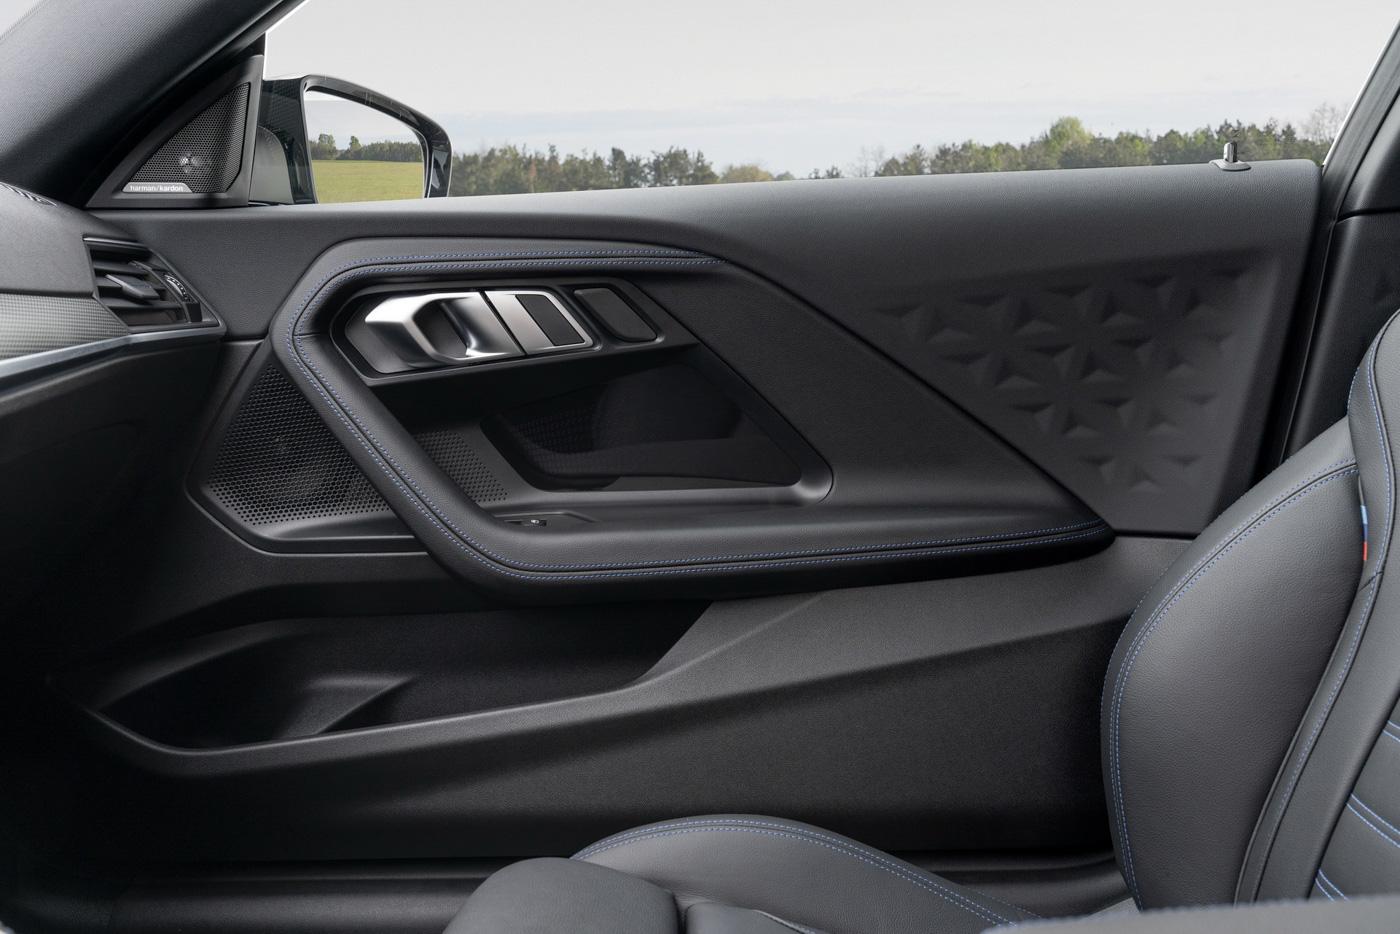 BMW-2-series-2022-ra-mắt-với-giá-bán-từ-36350-usd-25.jpg